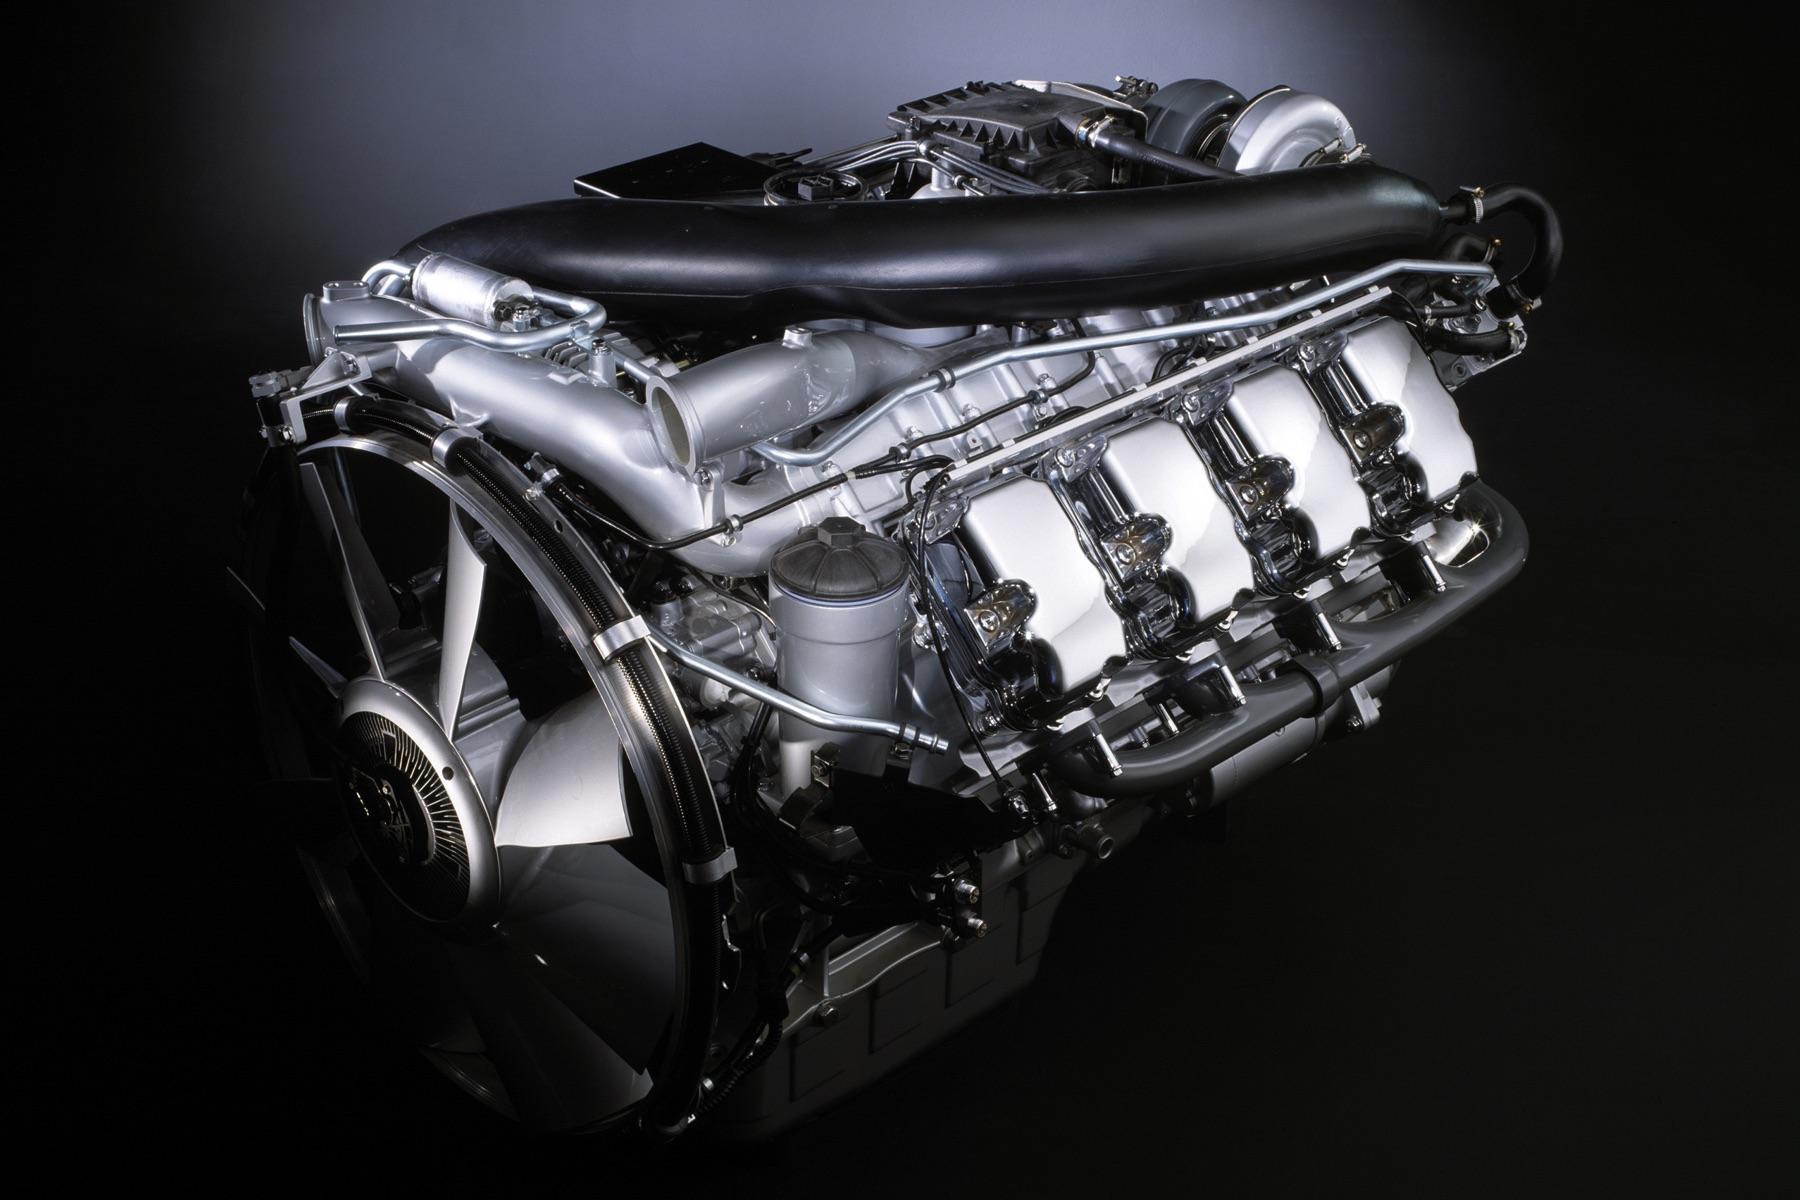 1969年の登場以来14ℓだったスカニアのV8エンジンは、2000年に480hp/2300Nmもしくは580hp/2700Nmを発生する16ℓエンジン「DC16型」に変更された